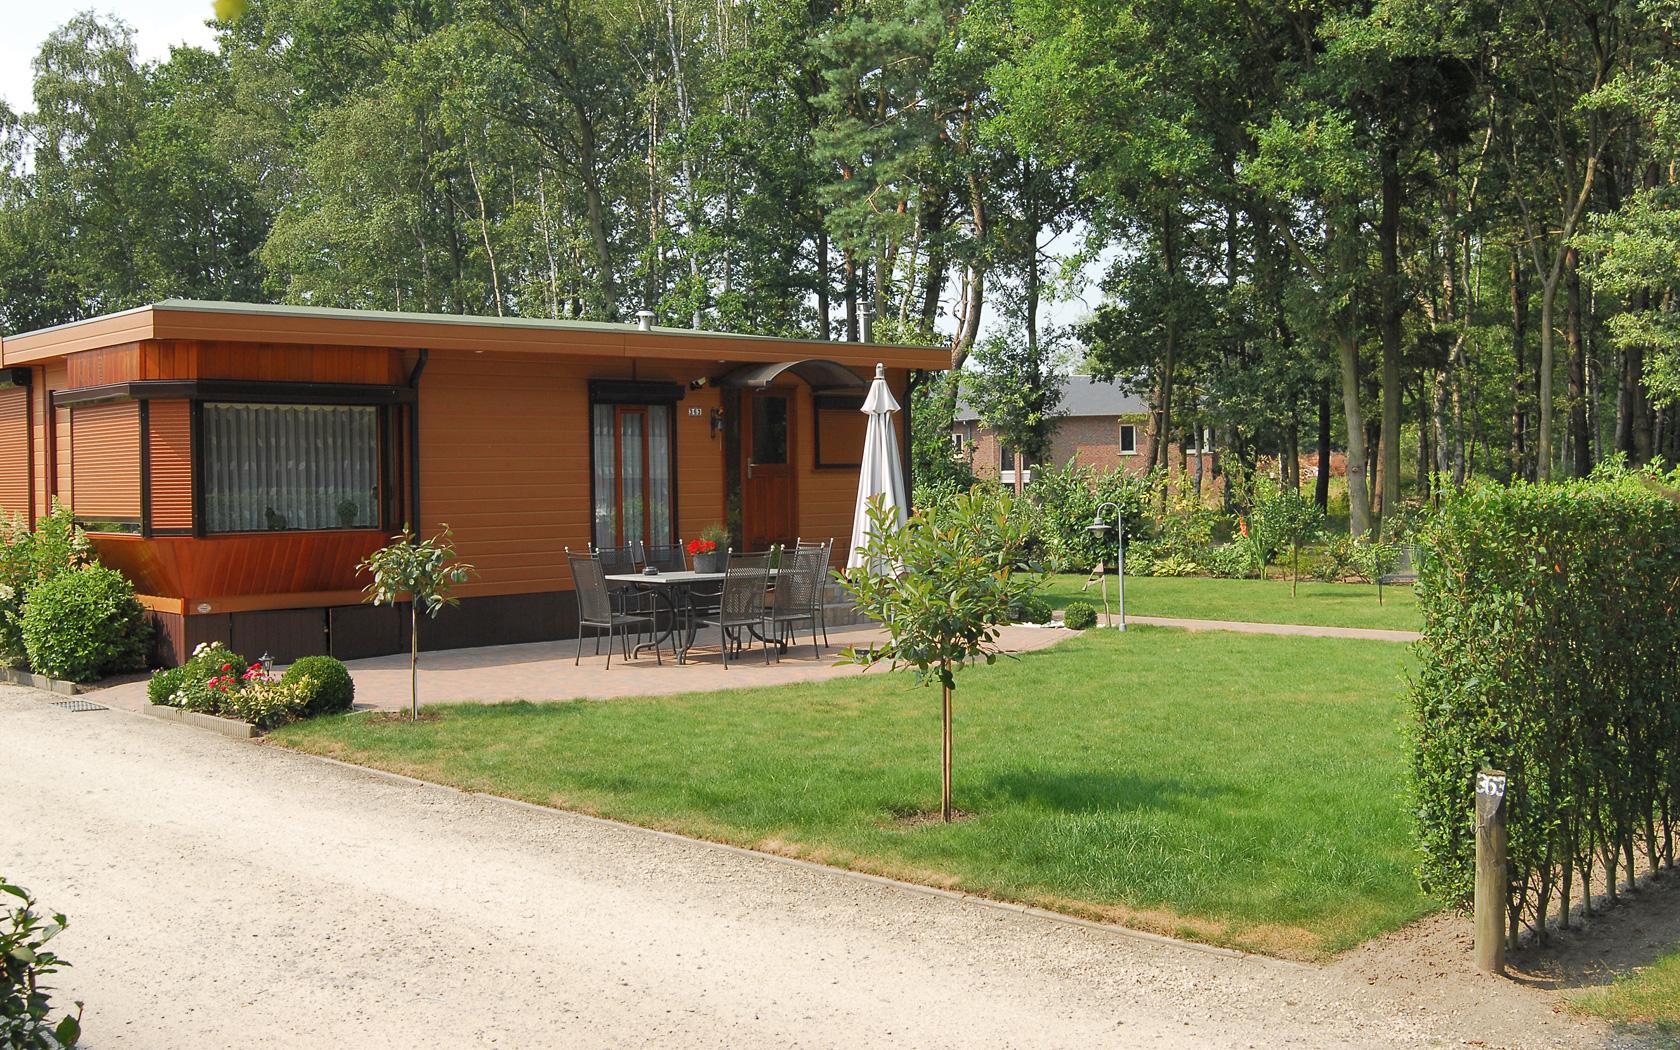 Camping-Heultje-in-Westerlo_DSC_0940_L